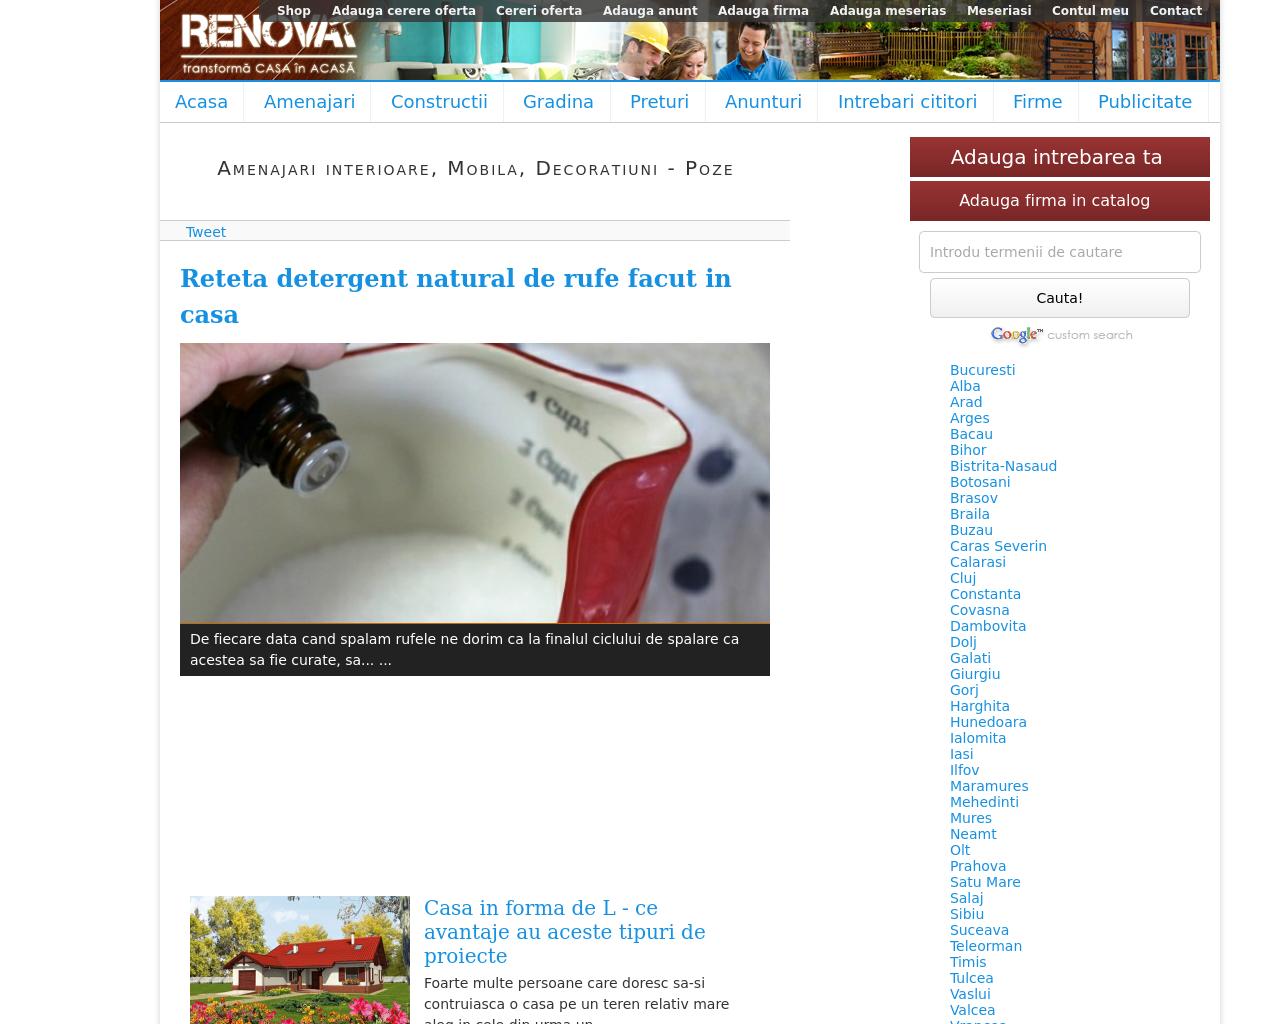 Renovat.ro-Advertising-Reviews-Pricing